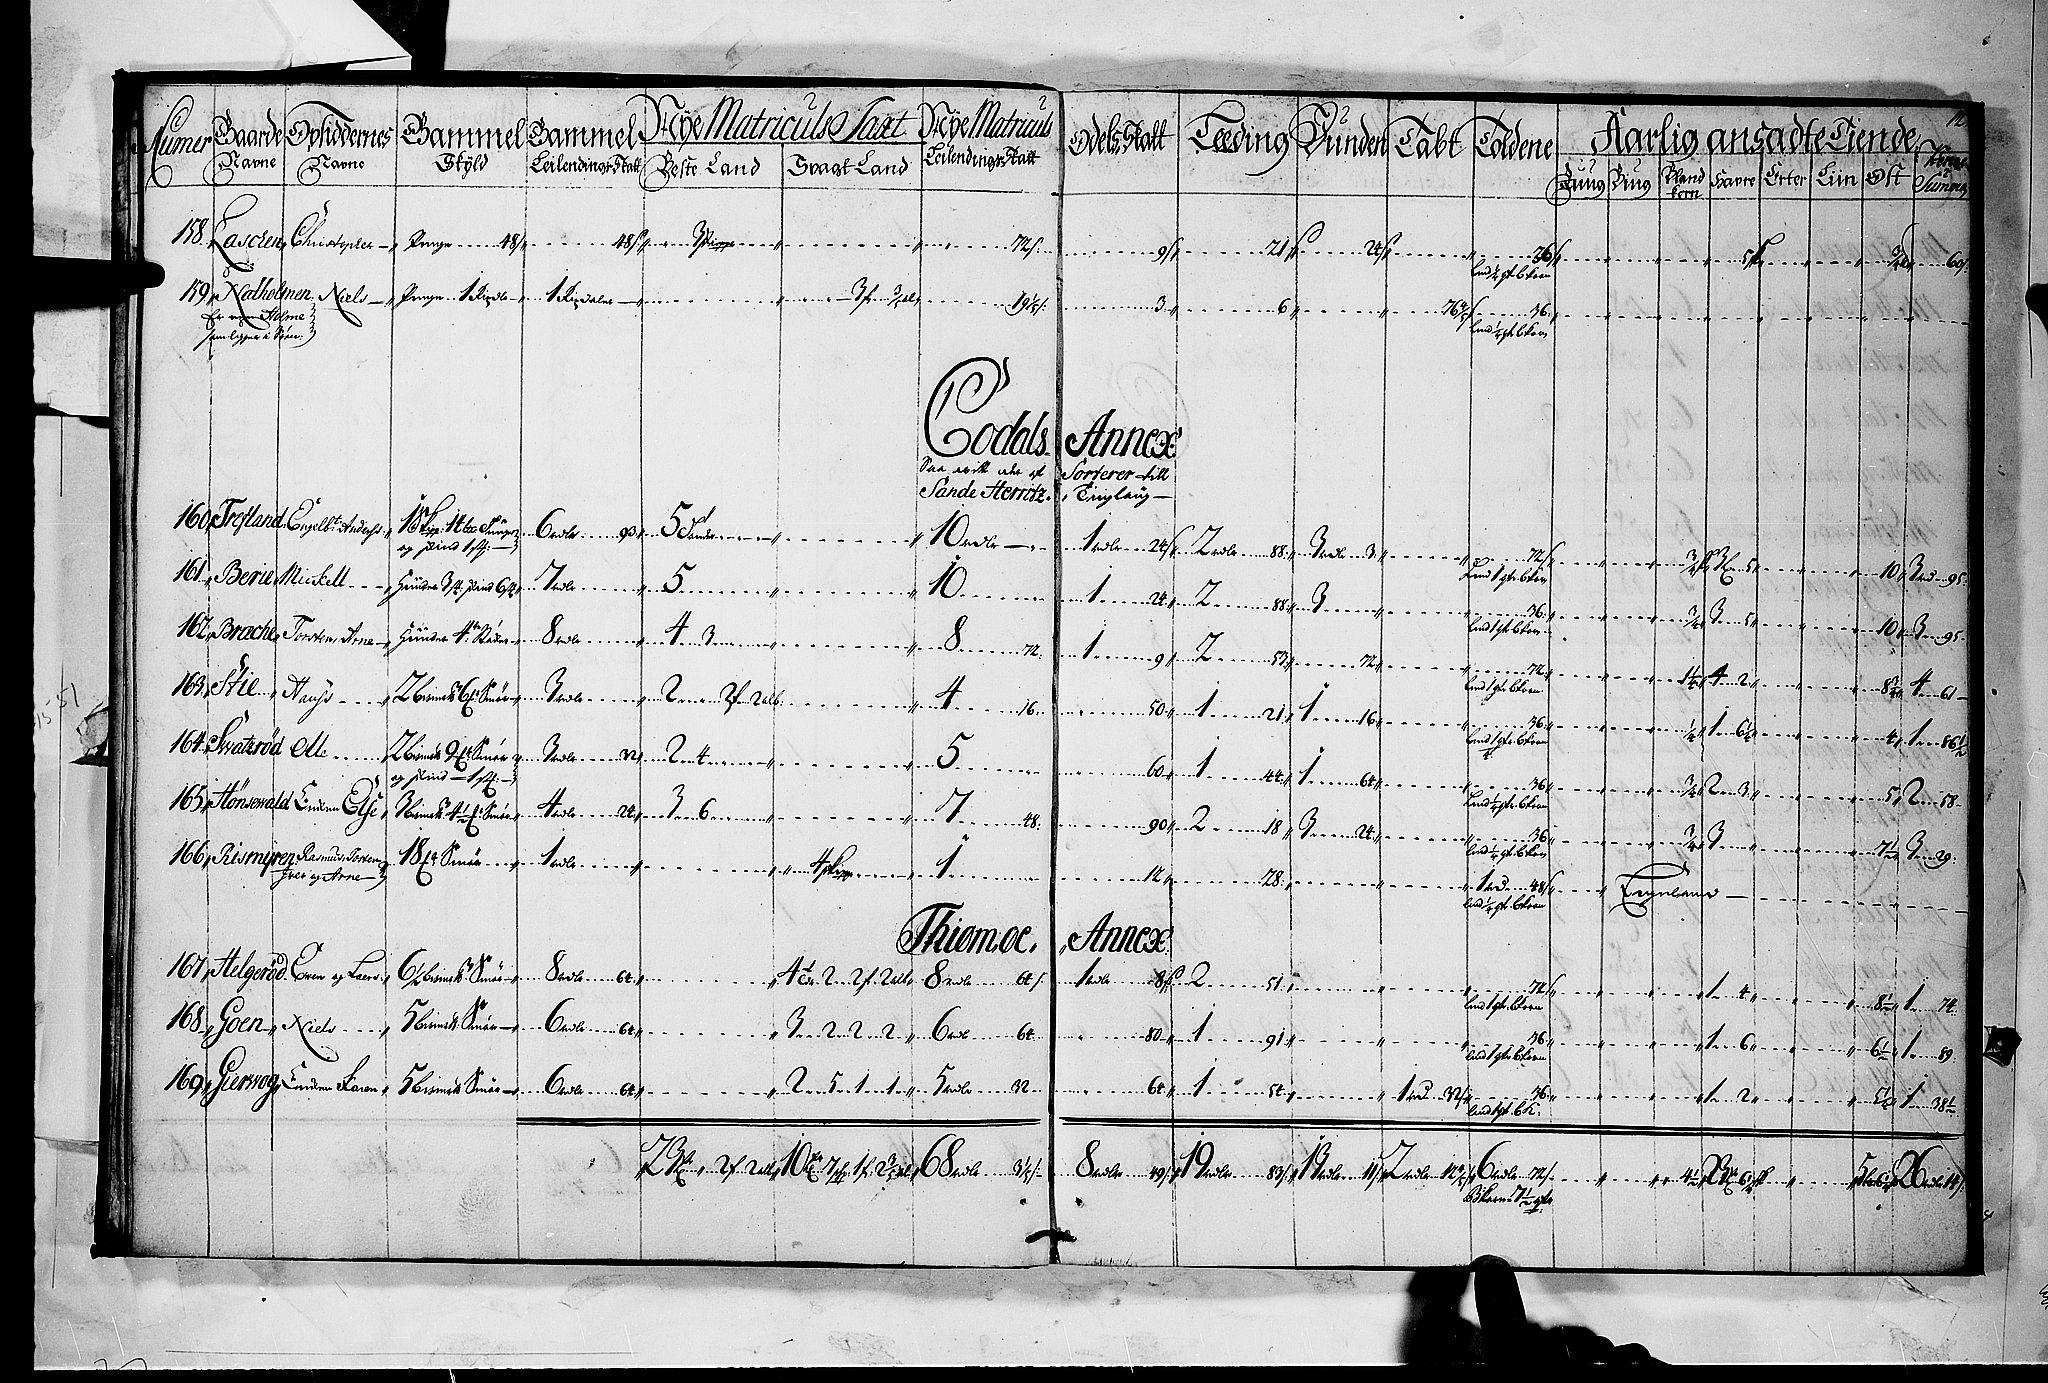 RA, Rentekammeret inntil 1814, Realistisk ordnet avdeling, N/Nb/Nbf/L0118: Larvik grevskap matrikkelprotokoll, 1723, s. 11b-12a